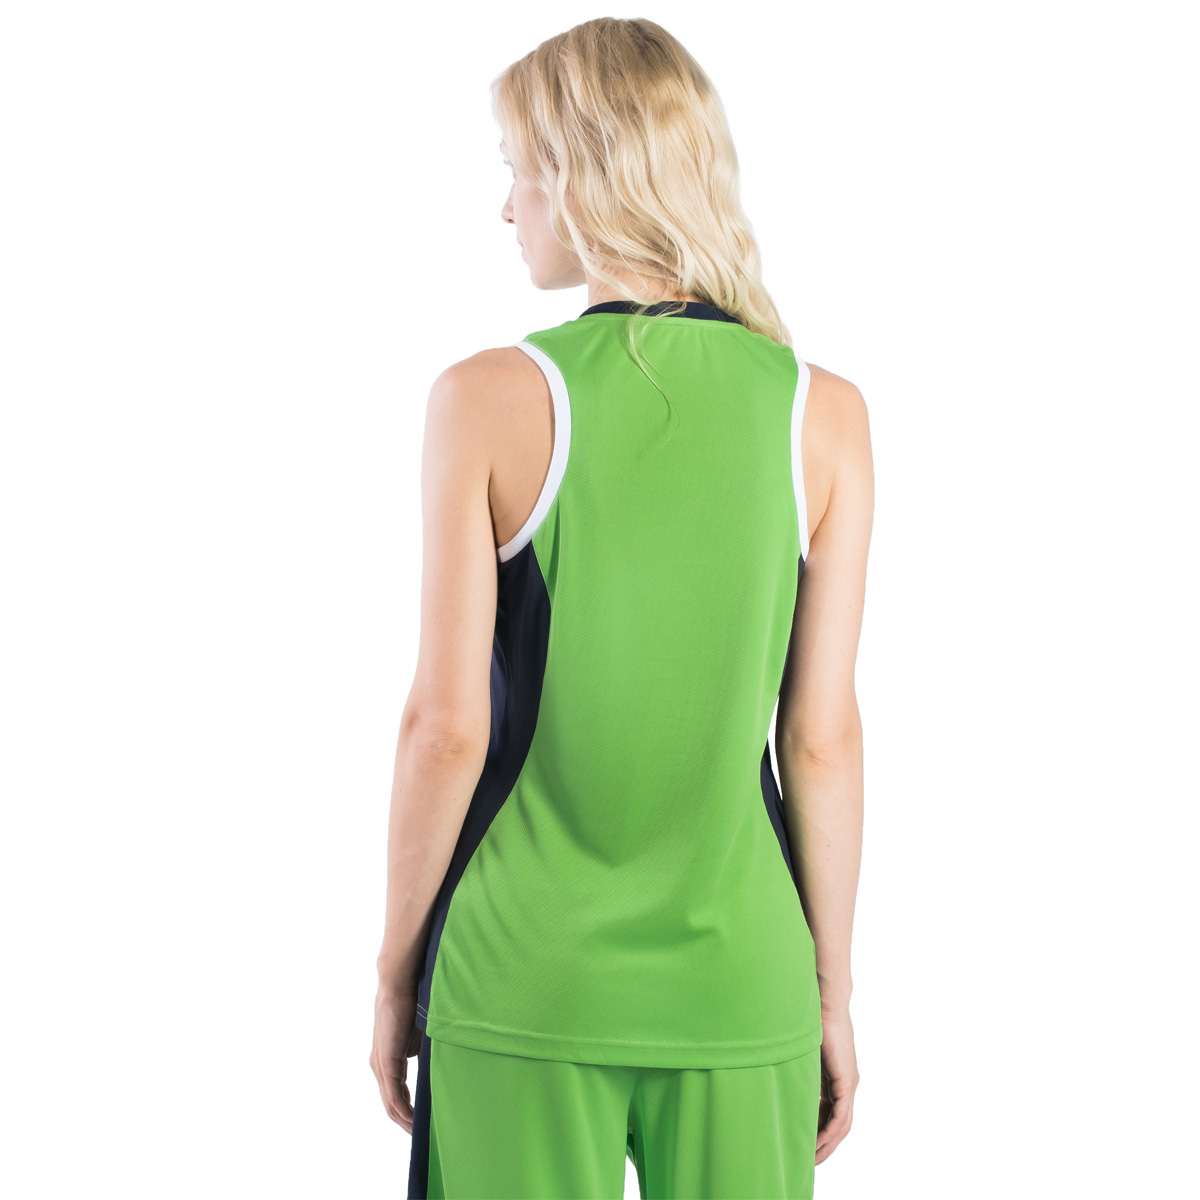 Майка баскетбольная женская 2K Sport Advance, цвет:  светло-зеленый, темно-синий, белый.  130032.  Размер L (46/48) 2K Sport